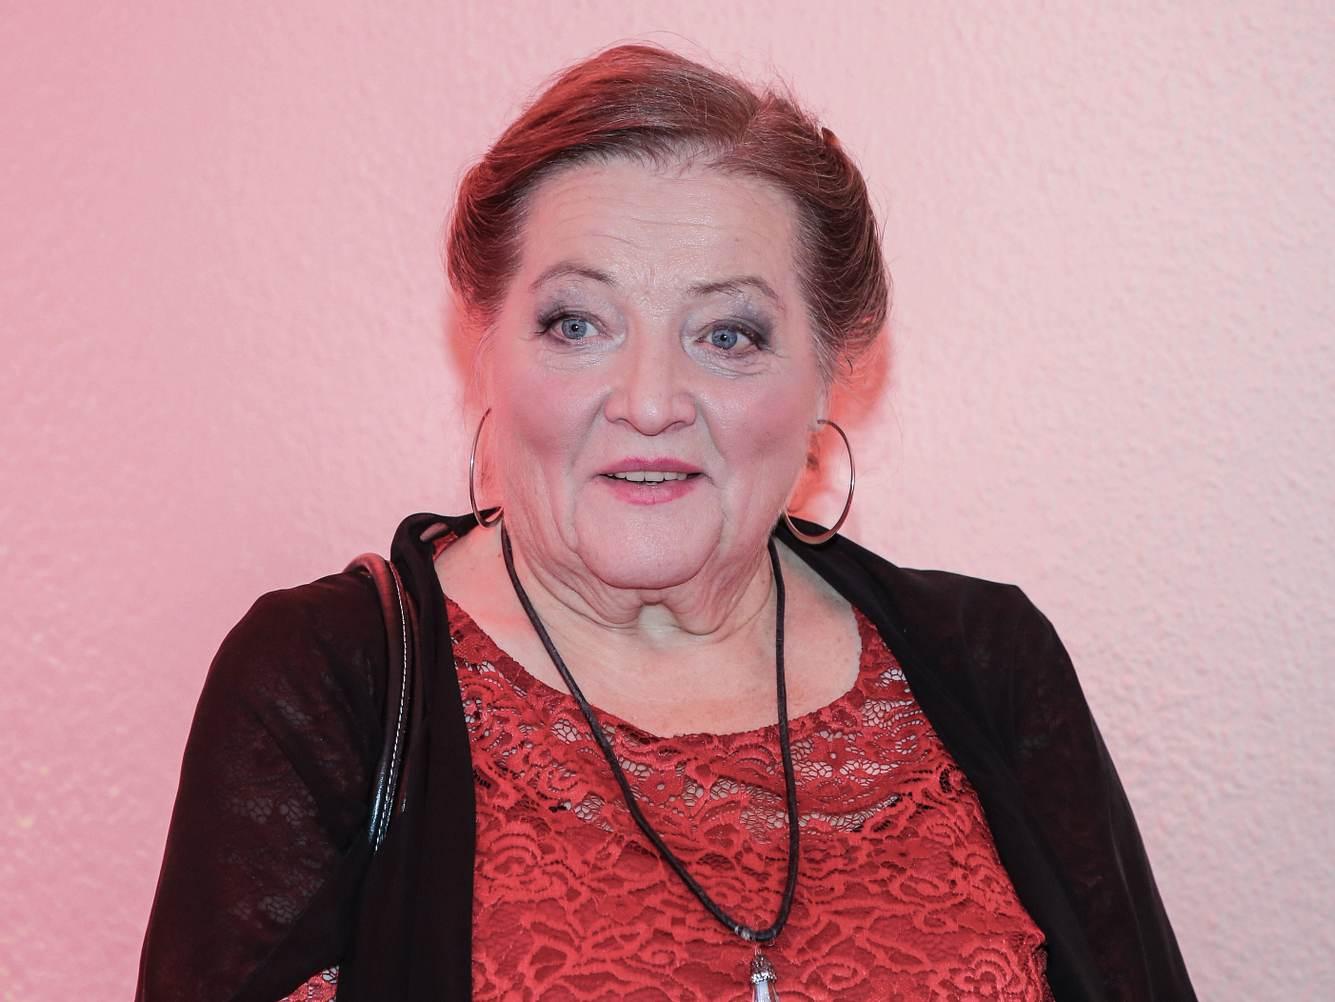 Schauspielerin Marianne Sägebrecht.